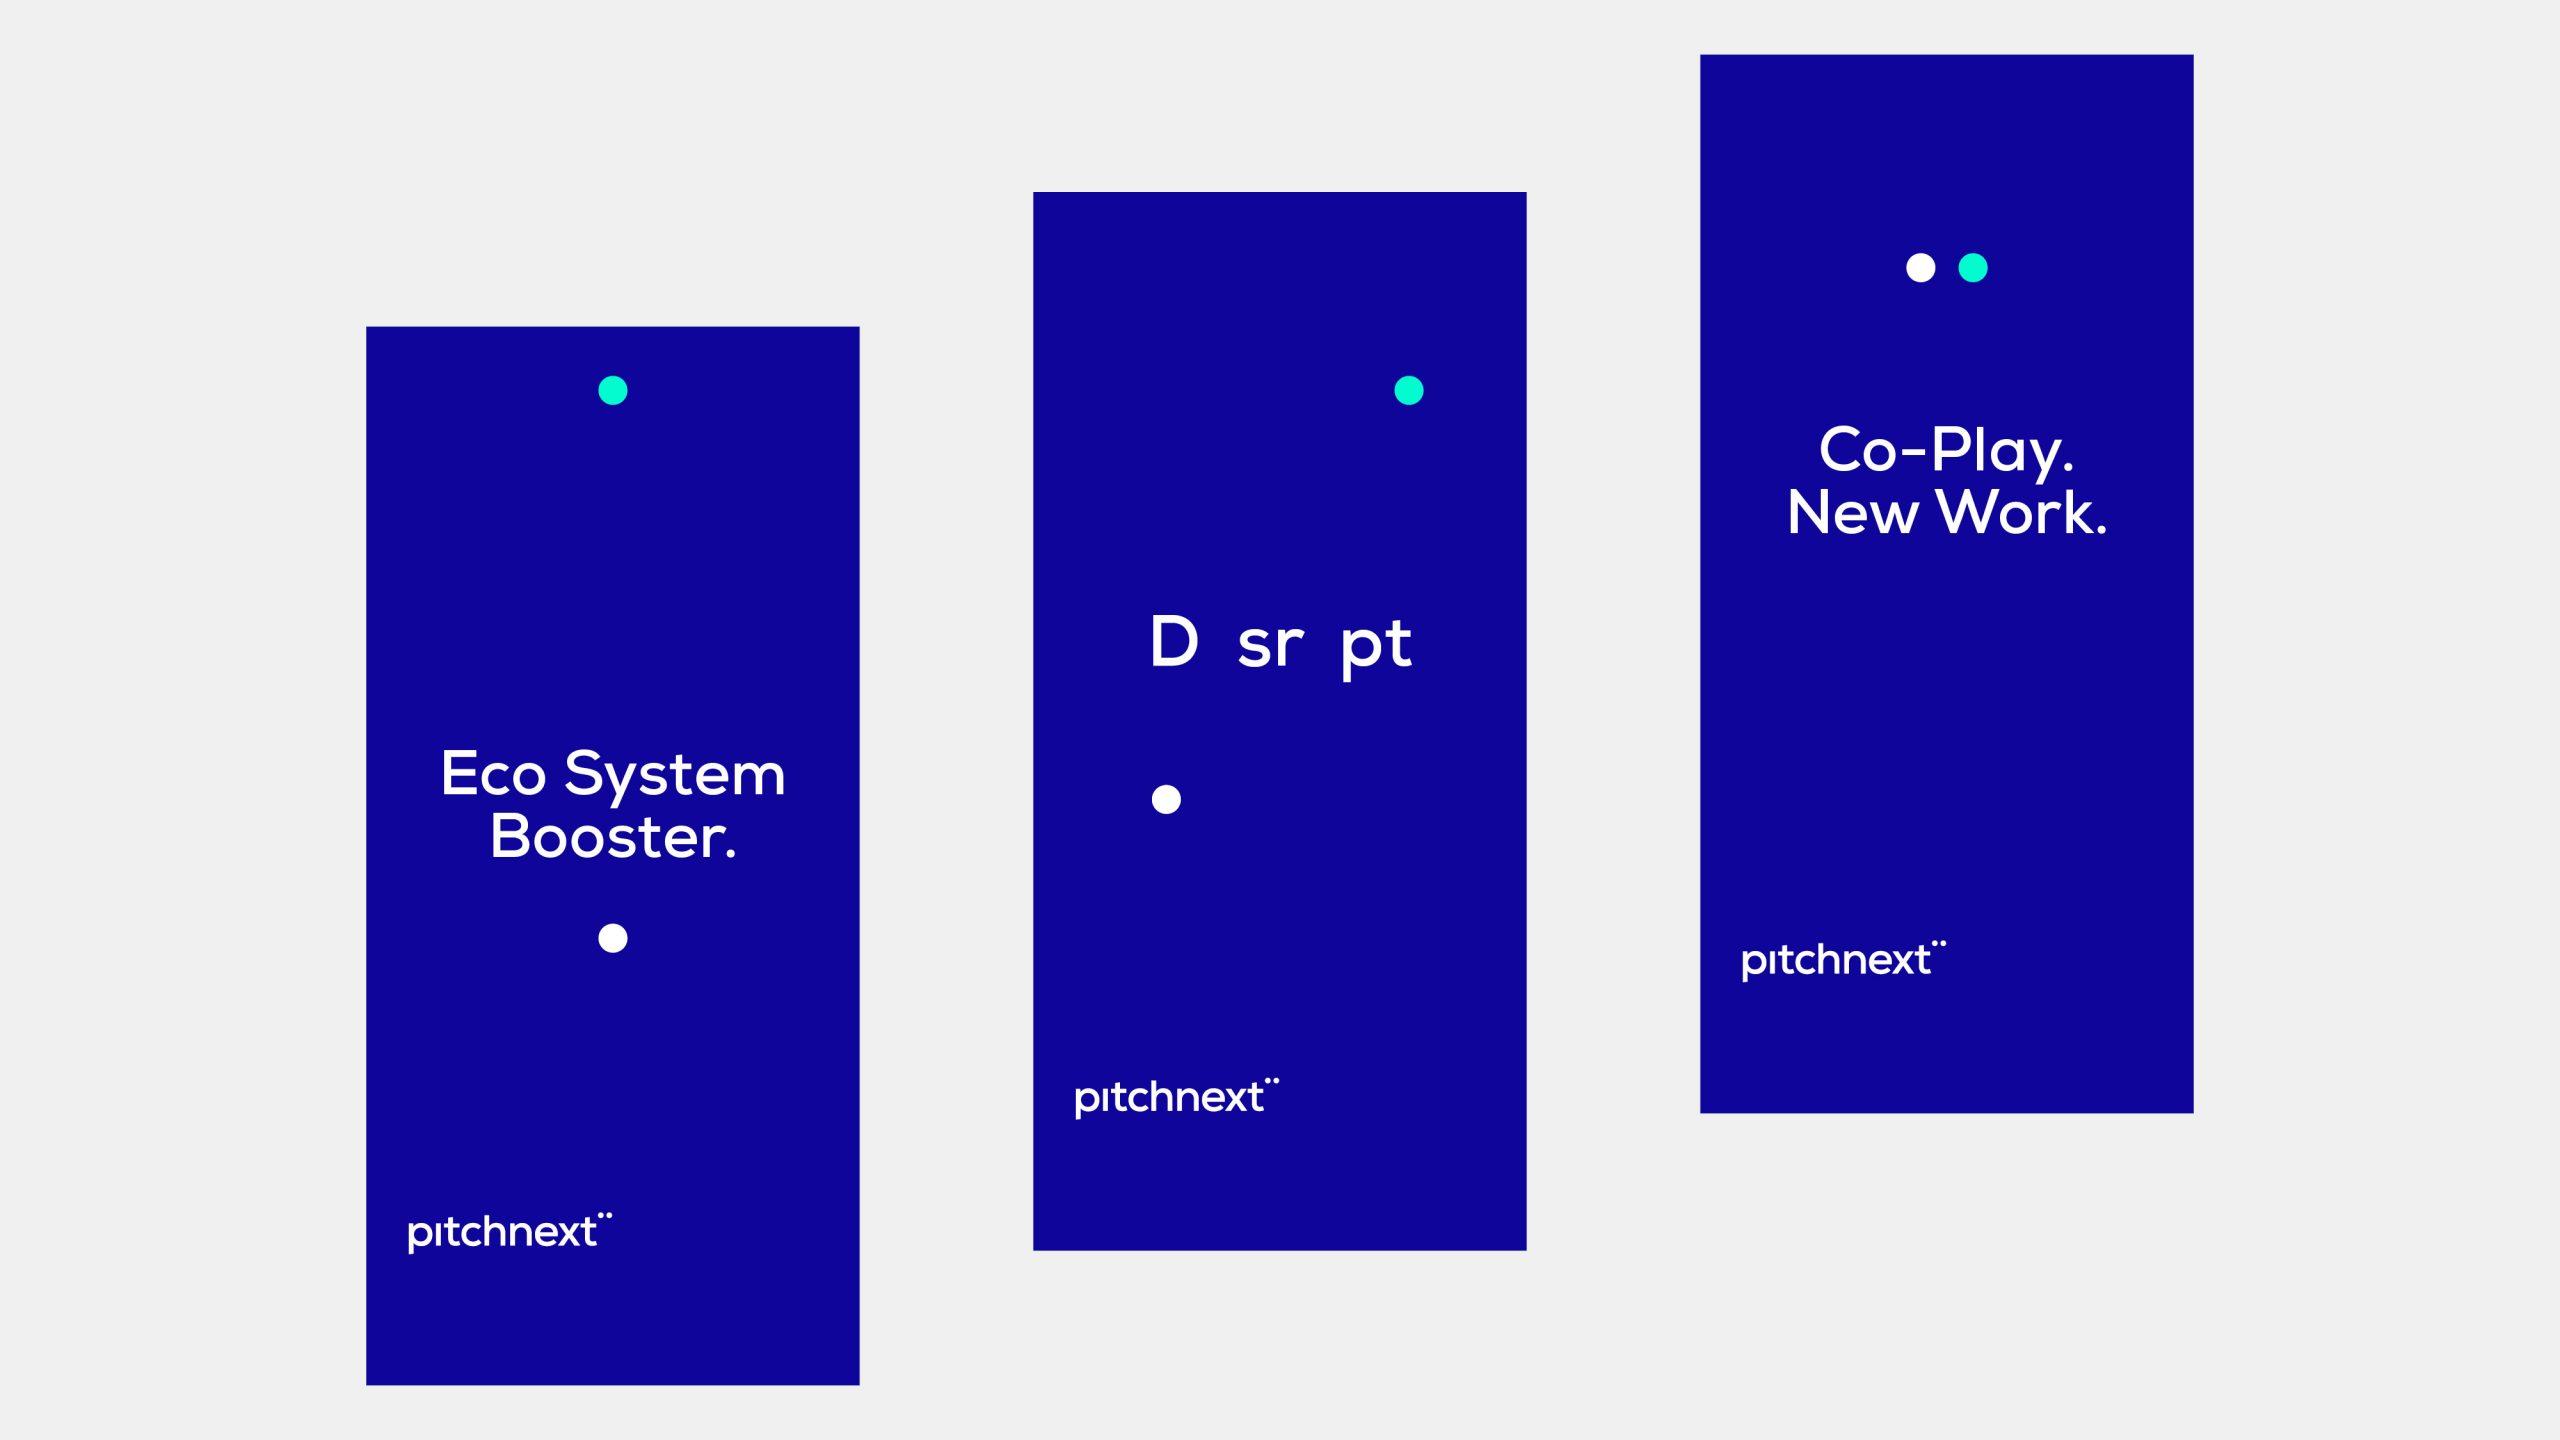 VISEE_Pitchnext_CD-Entwicklung_Praesentation_v0150